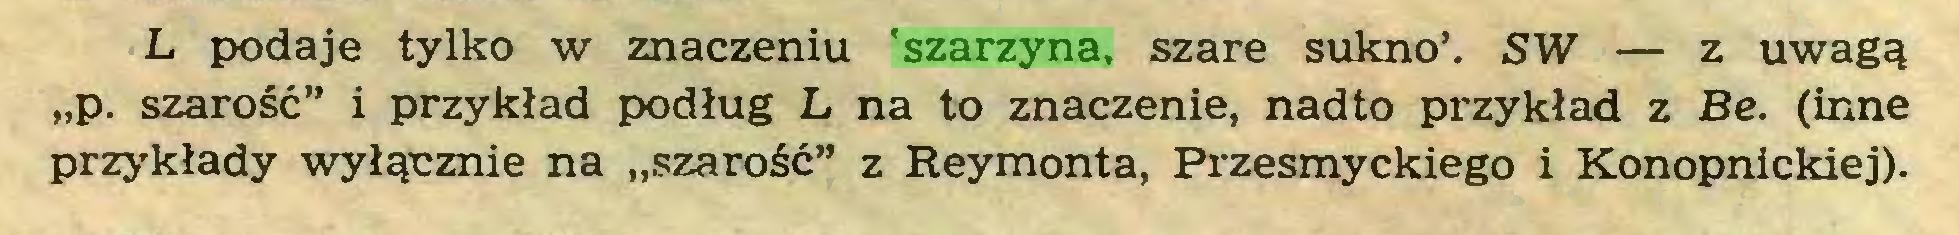 """(...) L podaje tylko w znaczeniu 'szarzyna, szare sukno'. SW — z uwagą """"p. szarość"""" i przykład podług L na to znaczenie, nadto przykład z Be. (inne przykłady wyłącznie na """"szarość"""" z Reymonta, Przesmyckiego i Konopnickiej)..."""